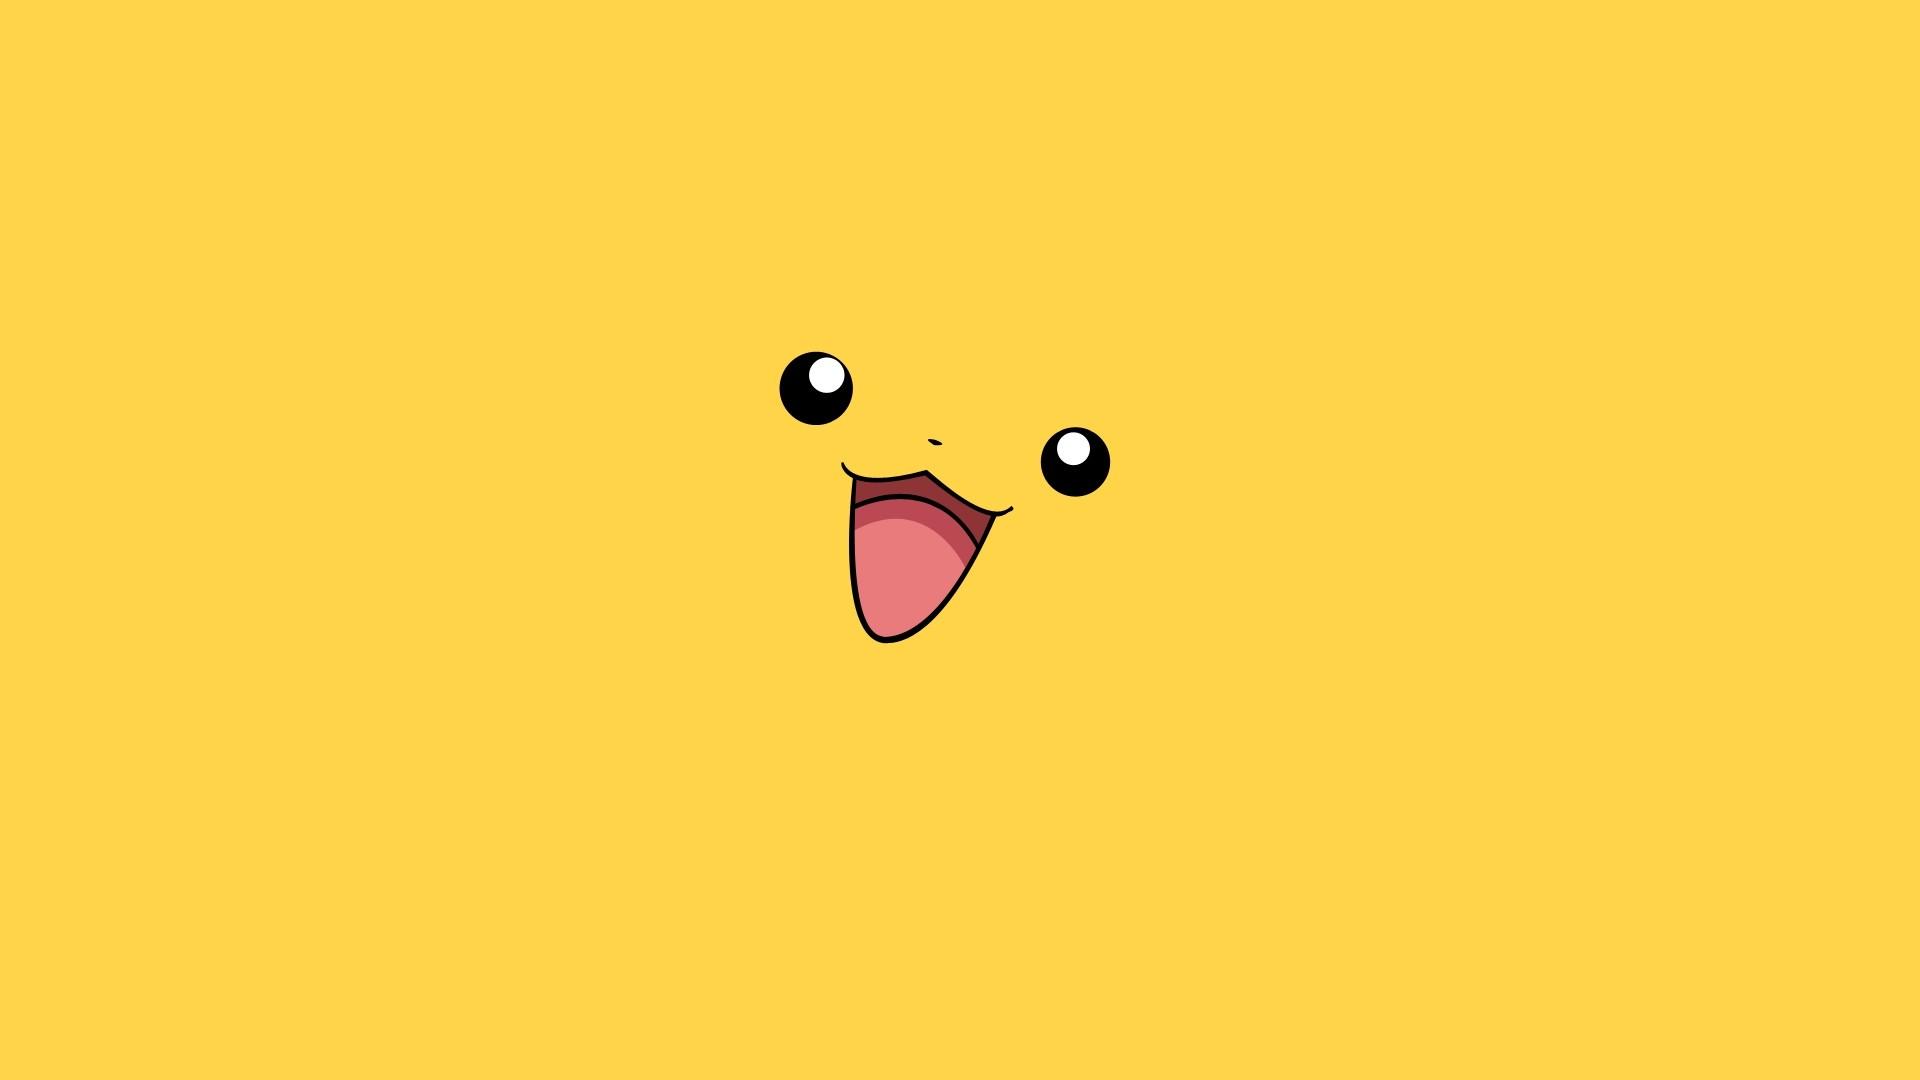 Cute Yellow wallpaper photo hd